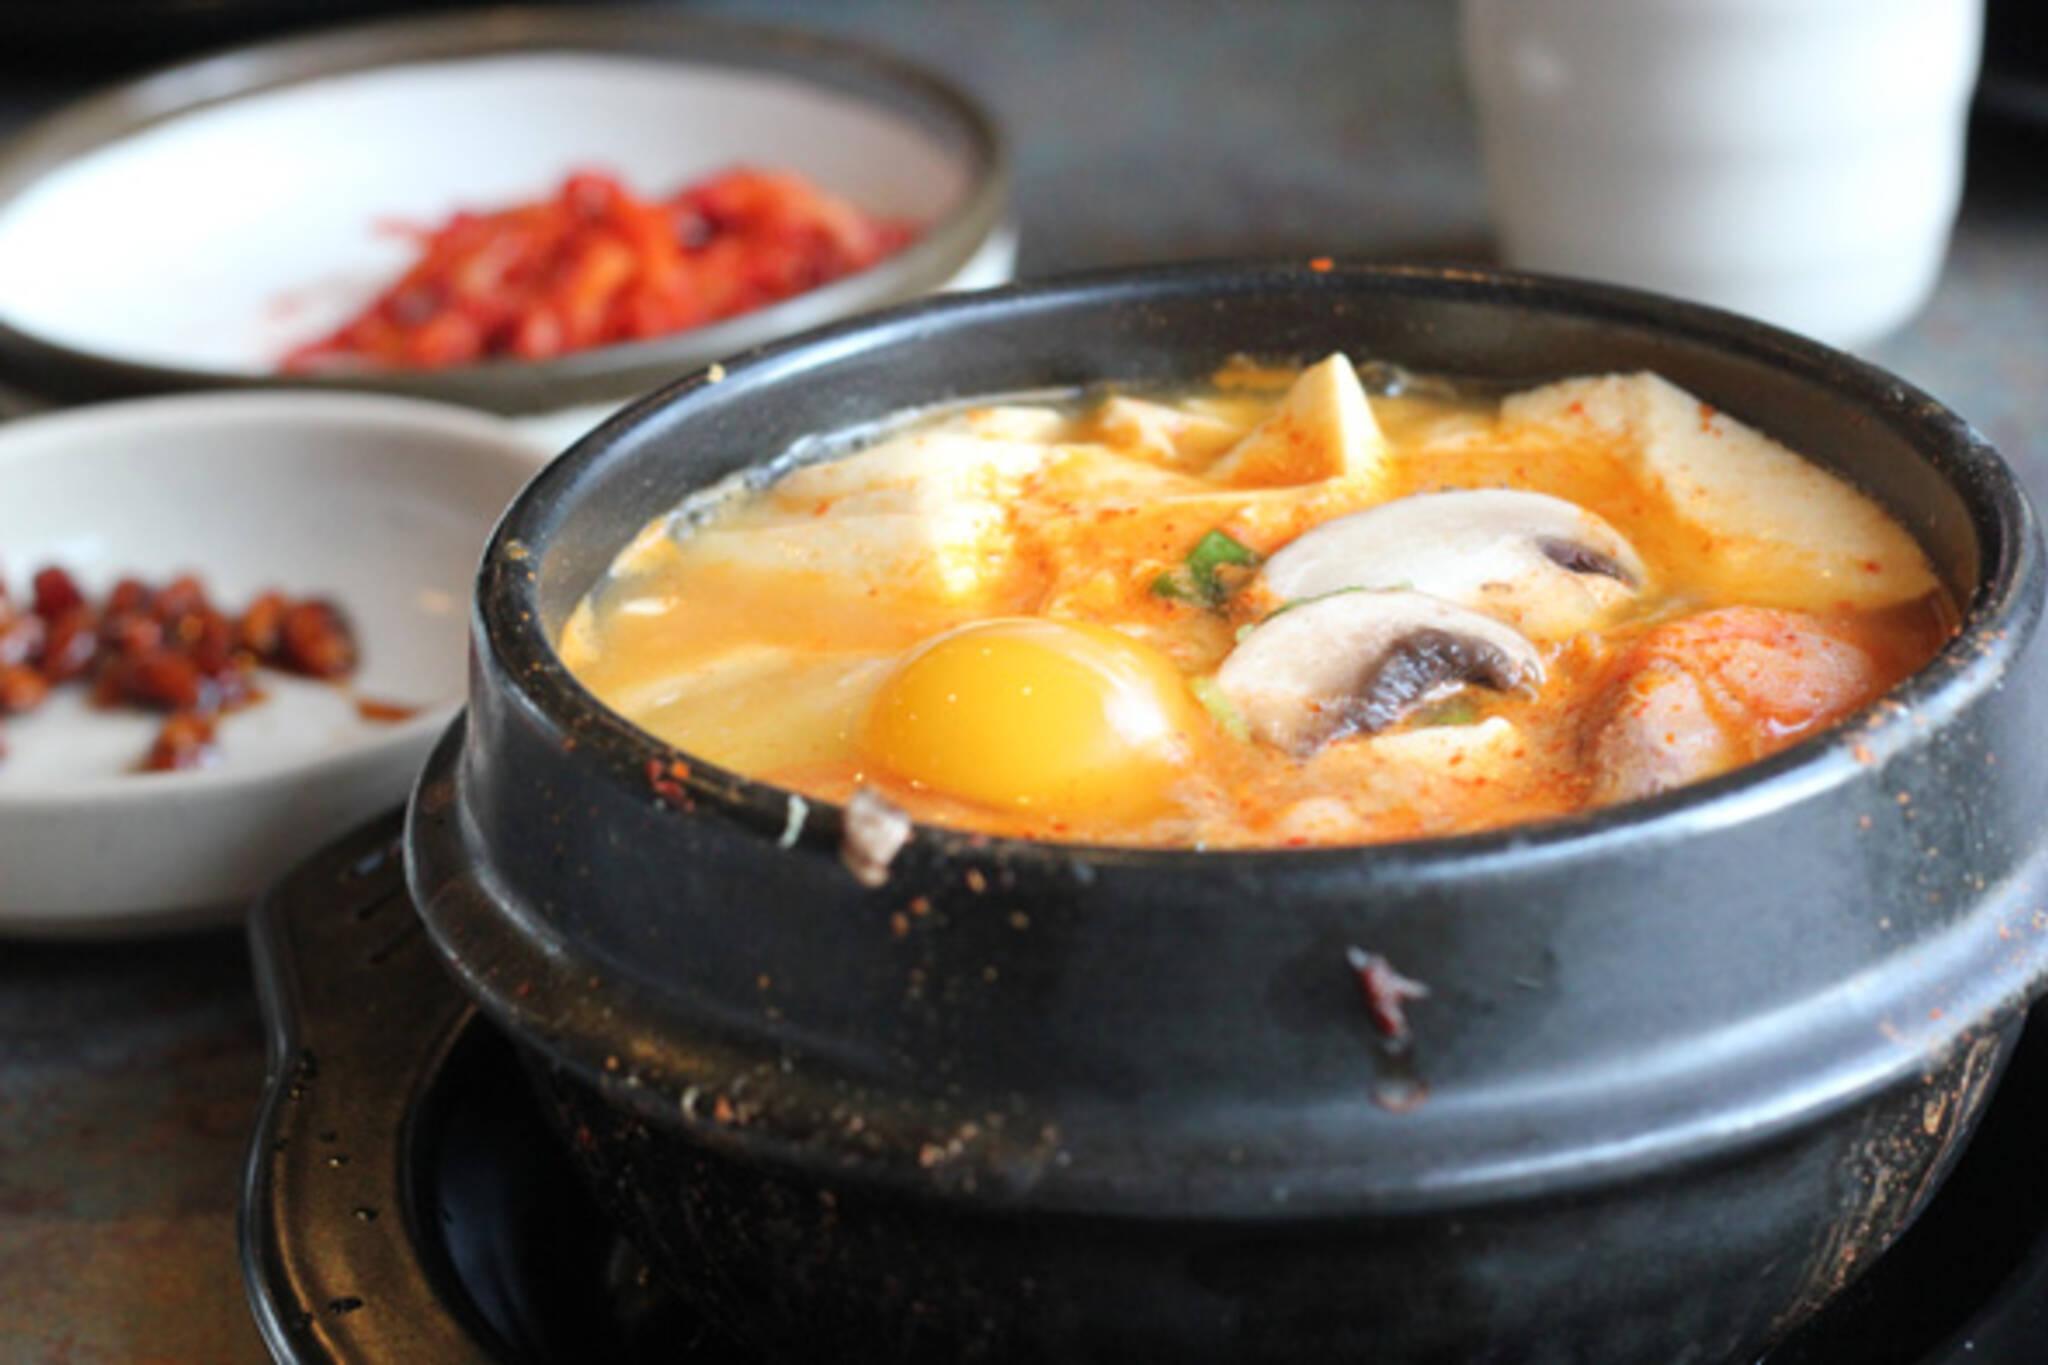 Buk Chang Dong Soon Tofu